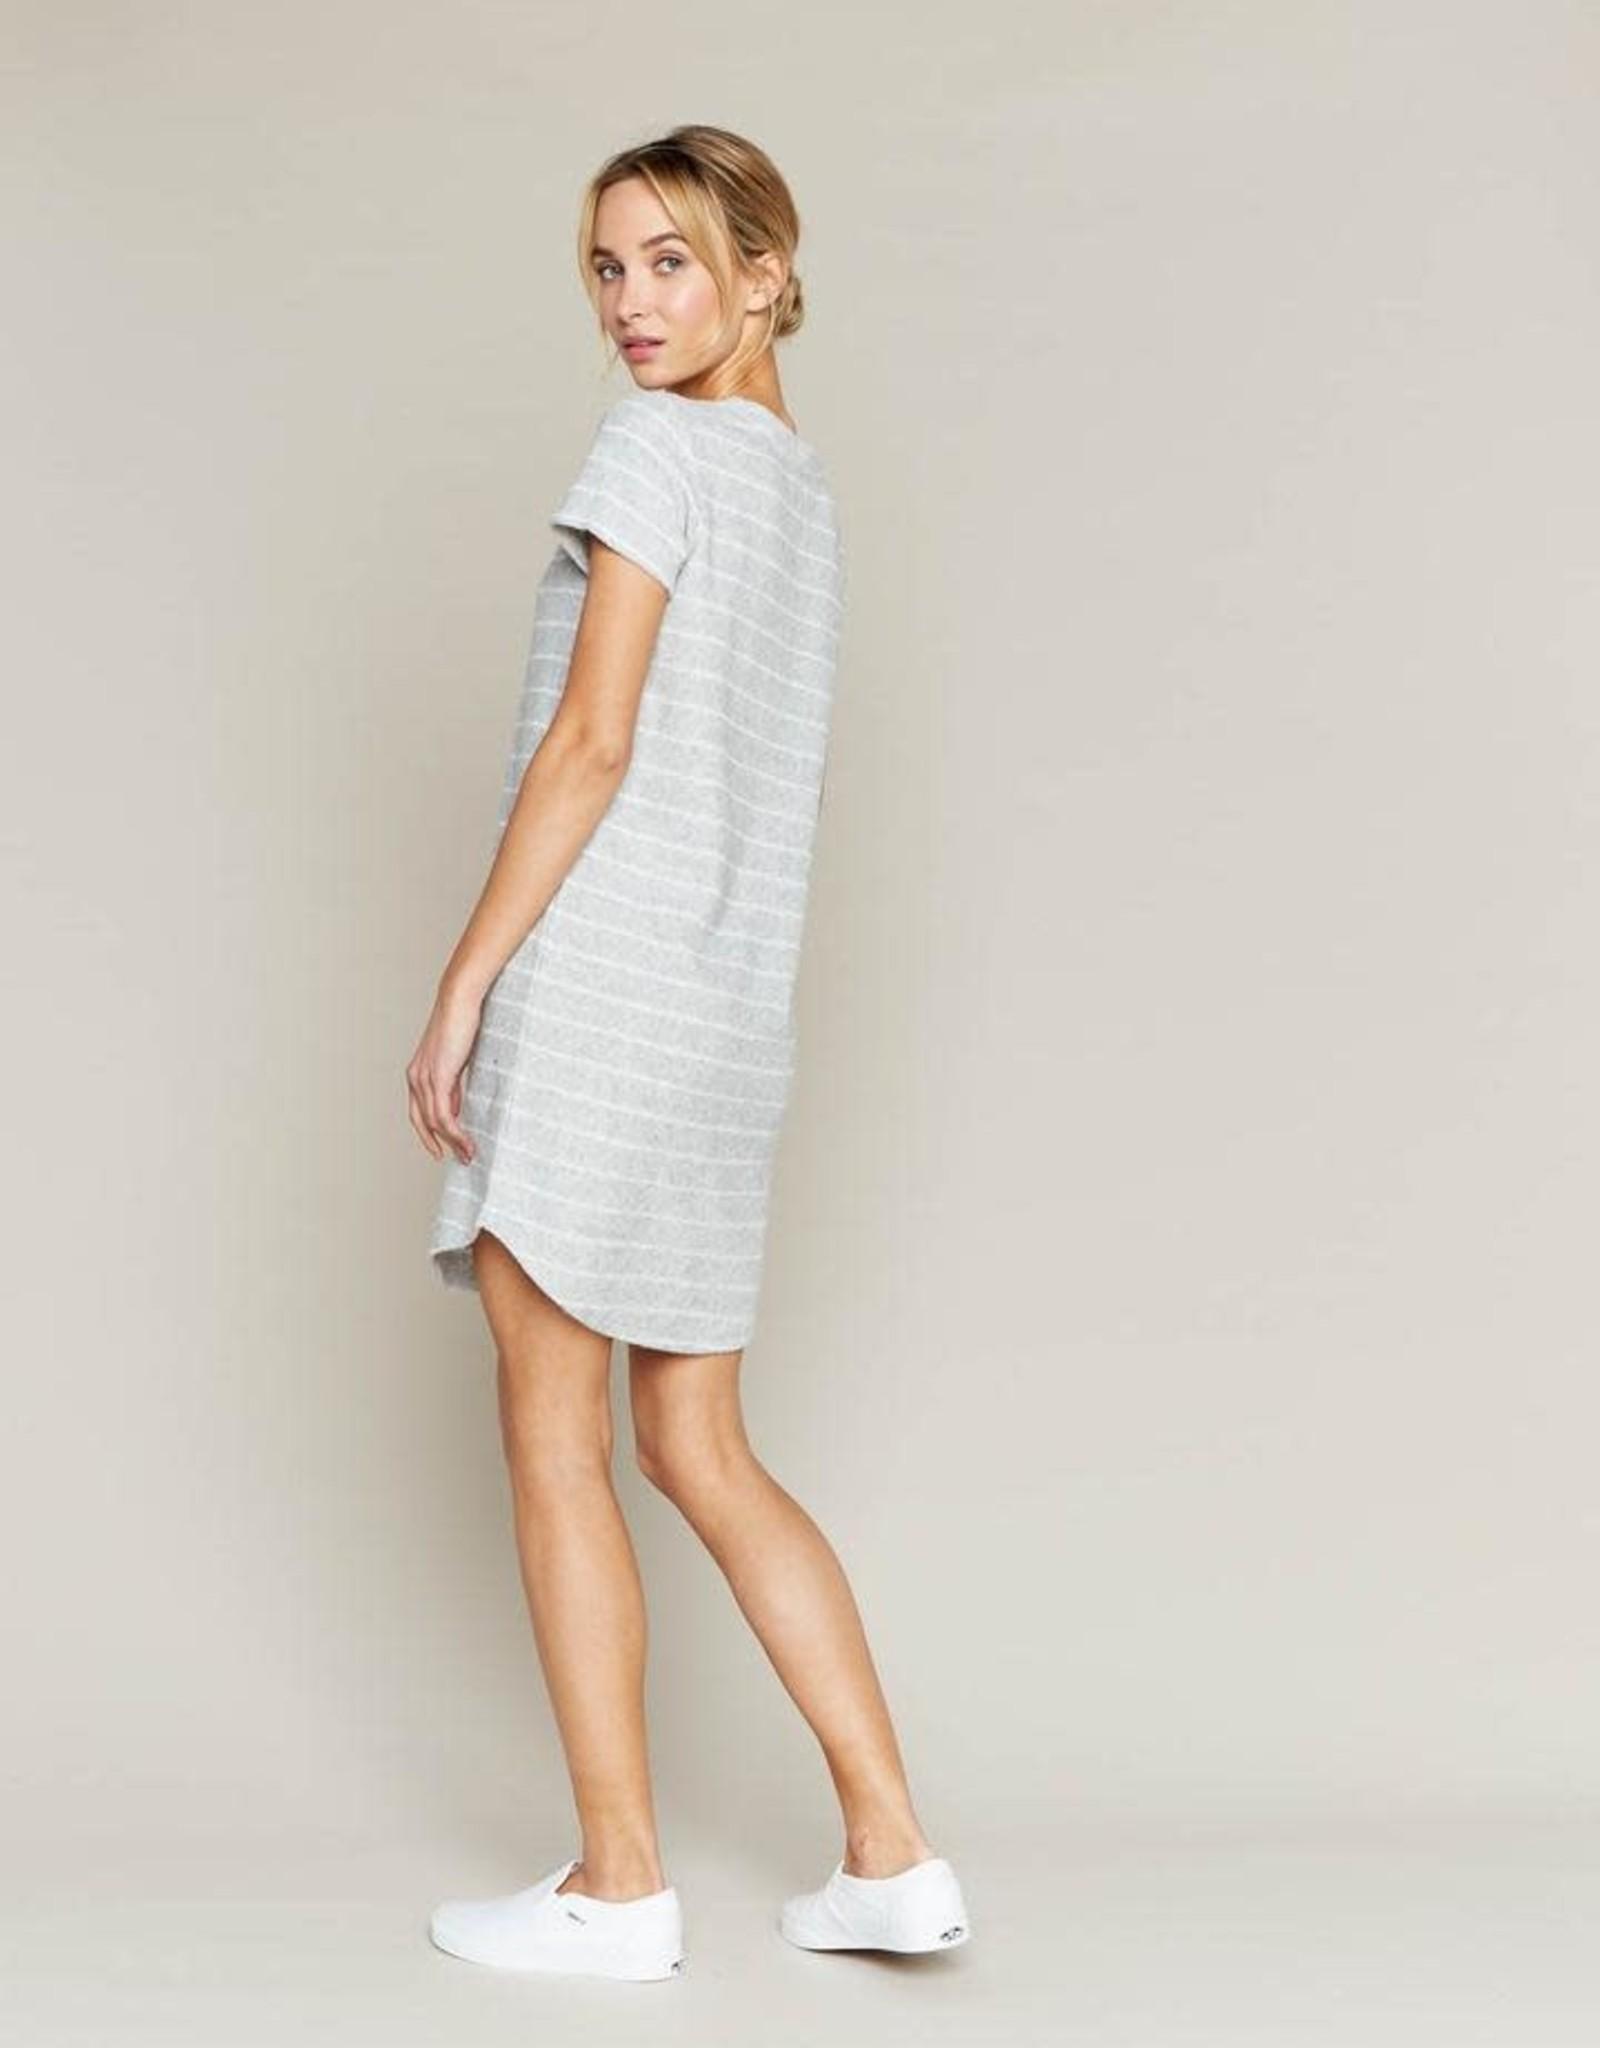 THREAD & SUPPLY Driftwood T-shirt Dress